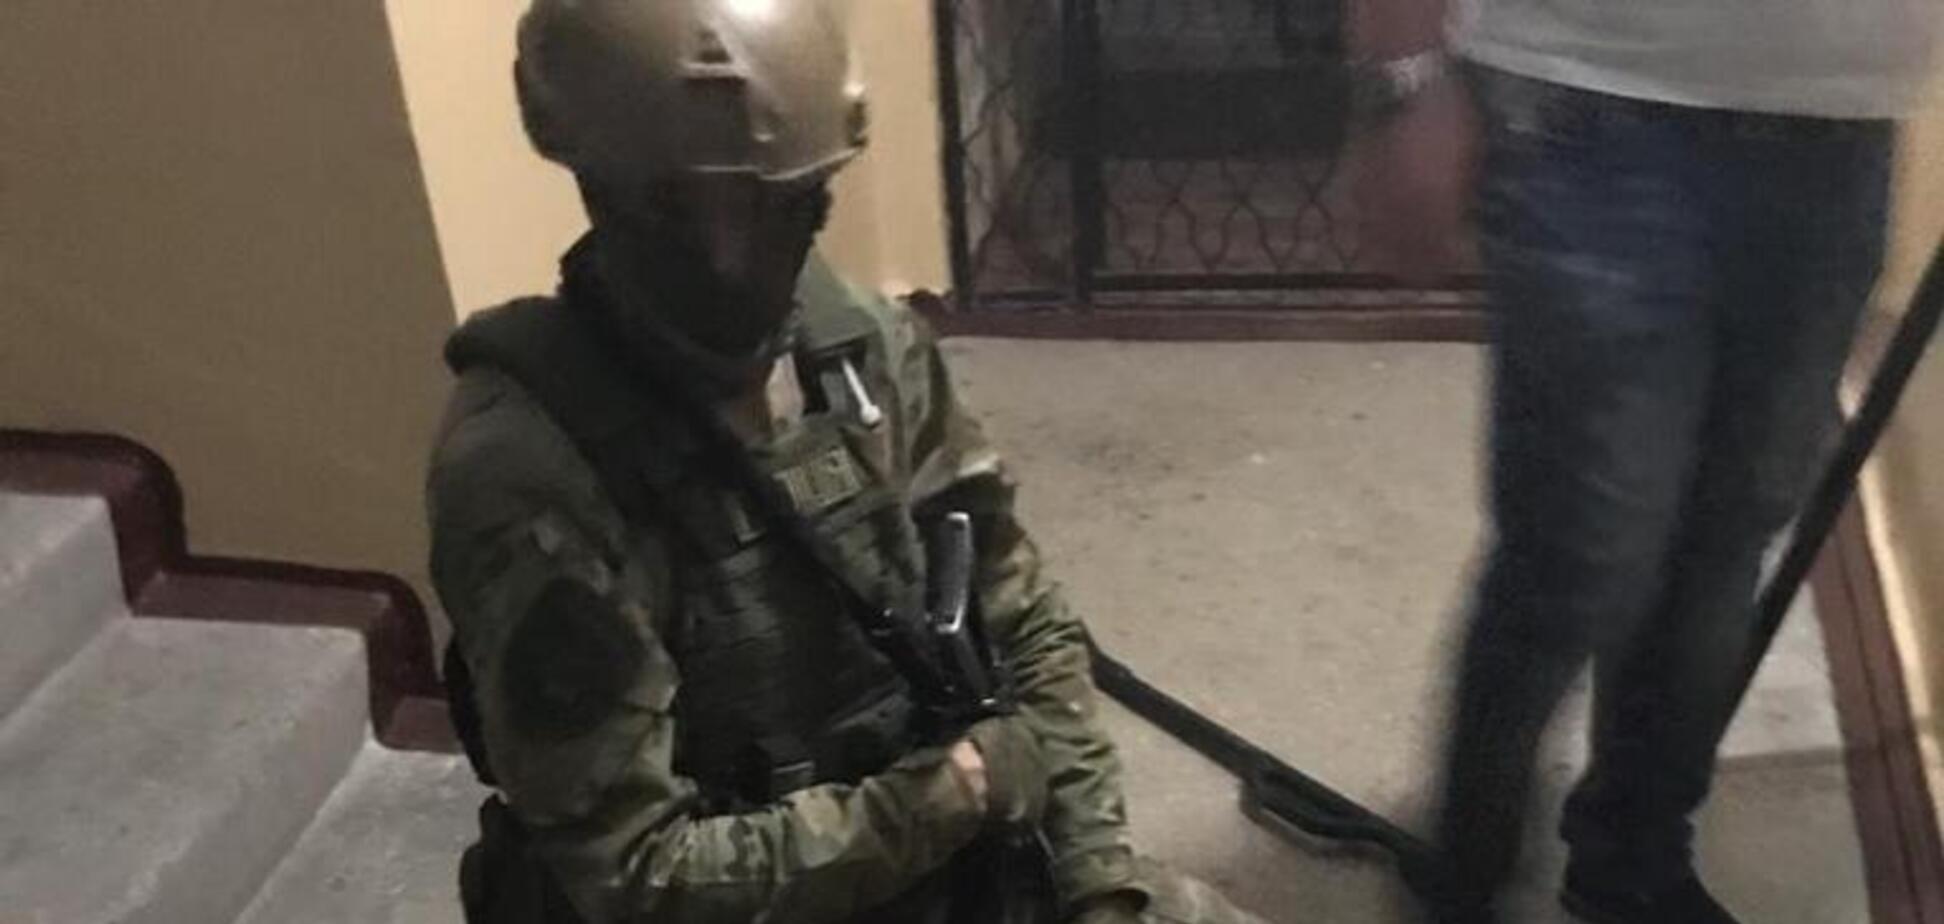 У Запоріжжі затримали чоловіків, які стріляли в нацгвардійця: опубліковані фото і відео